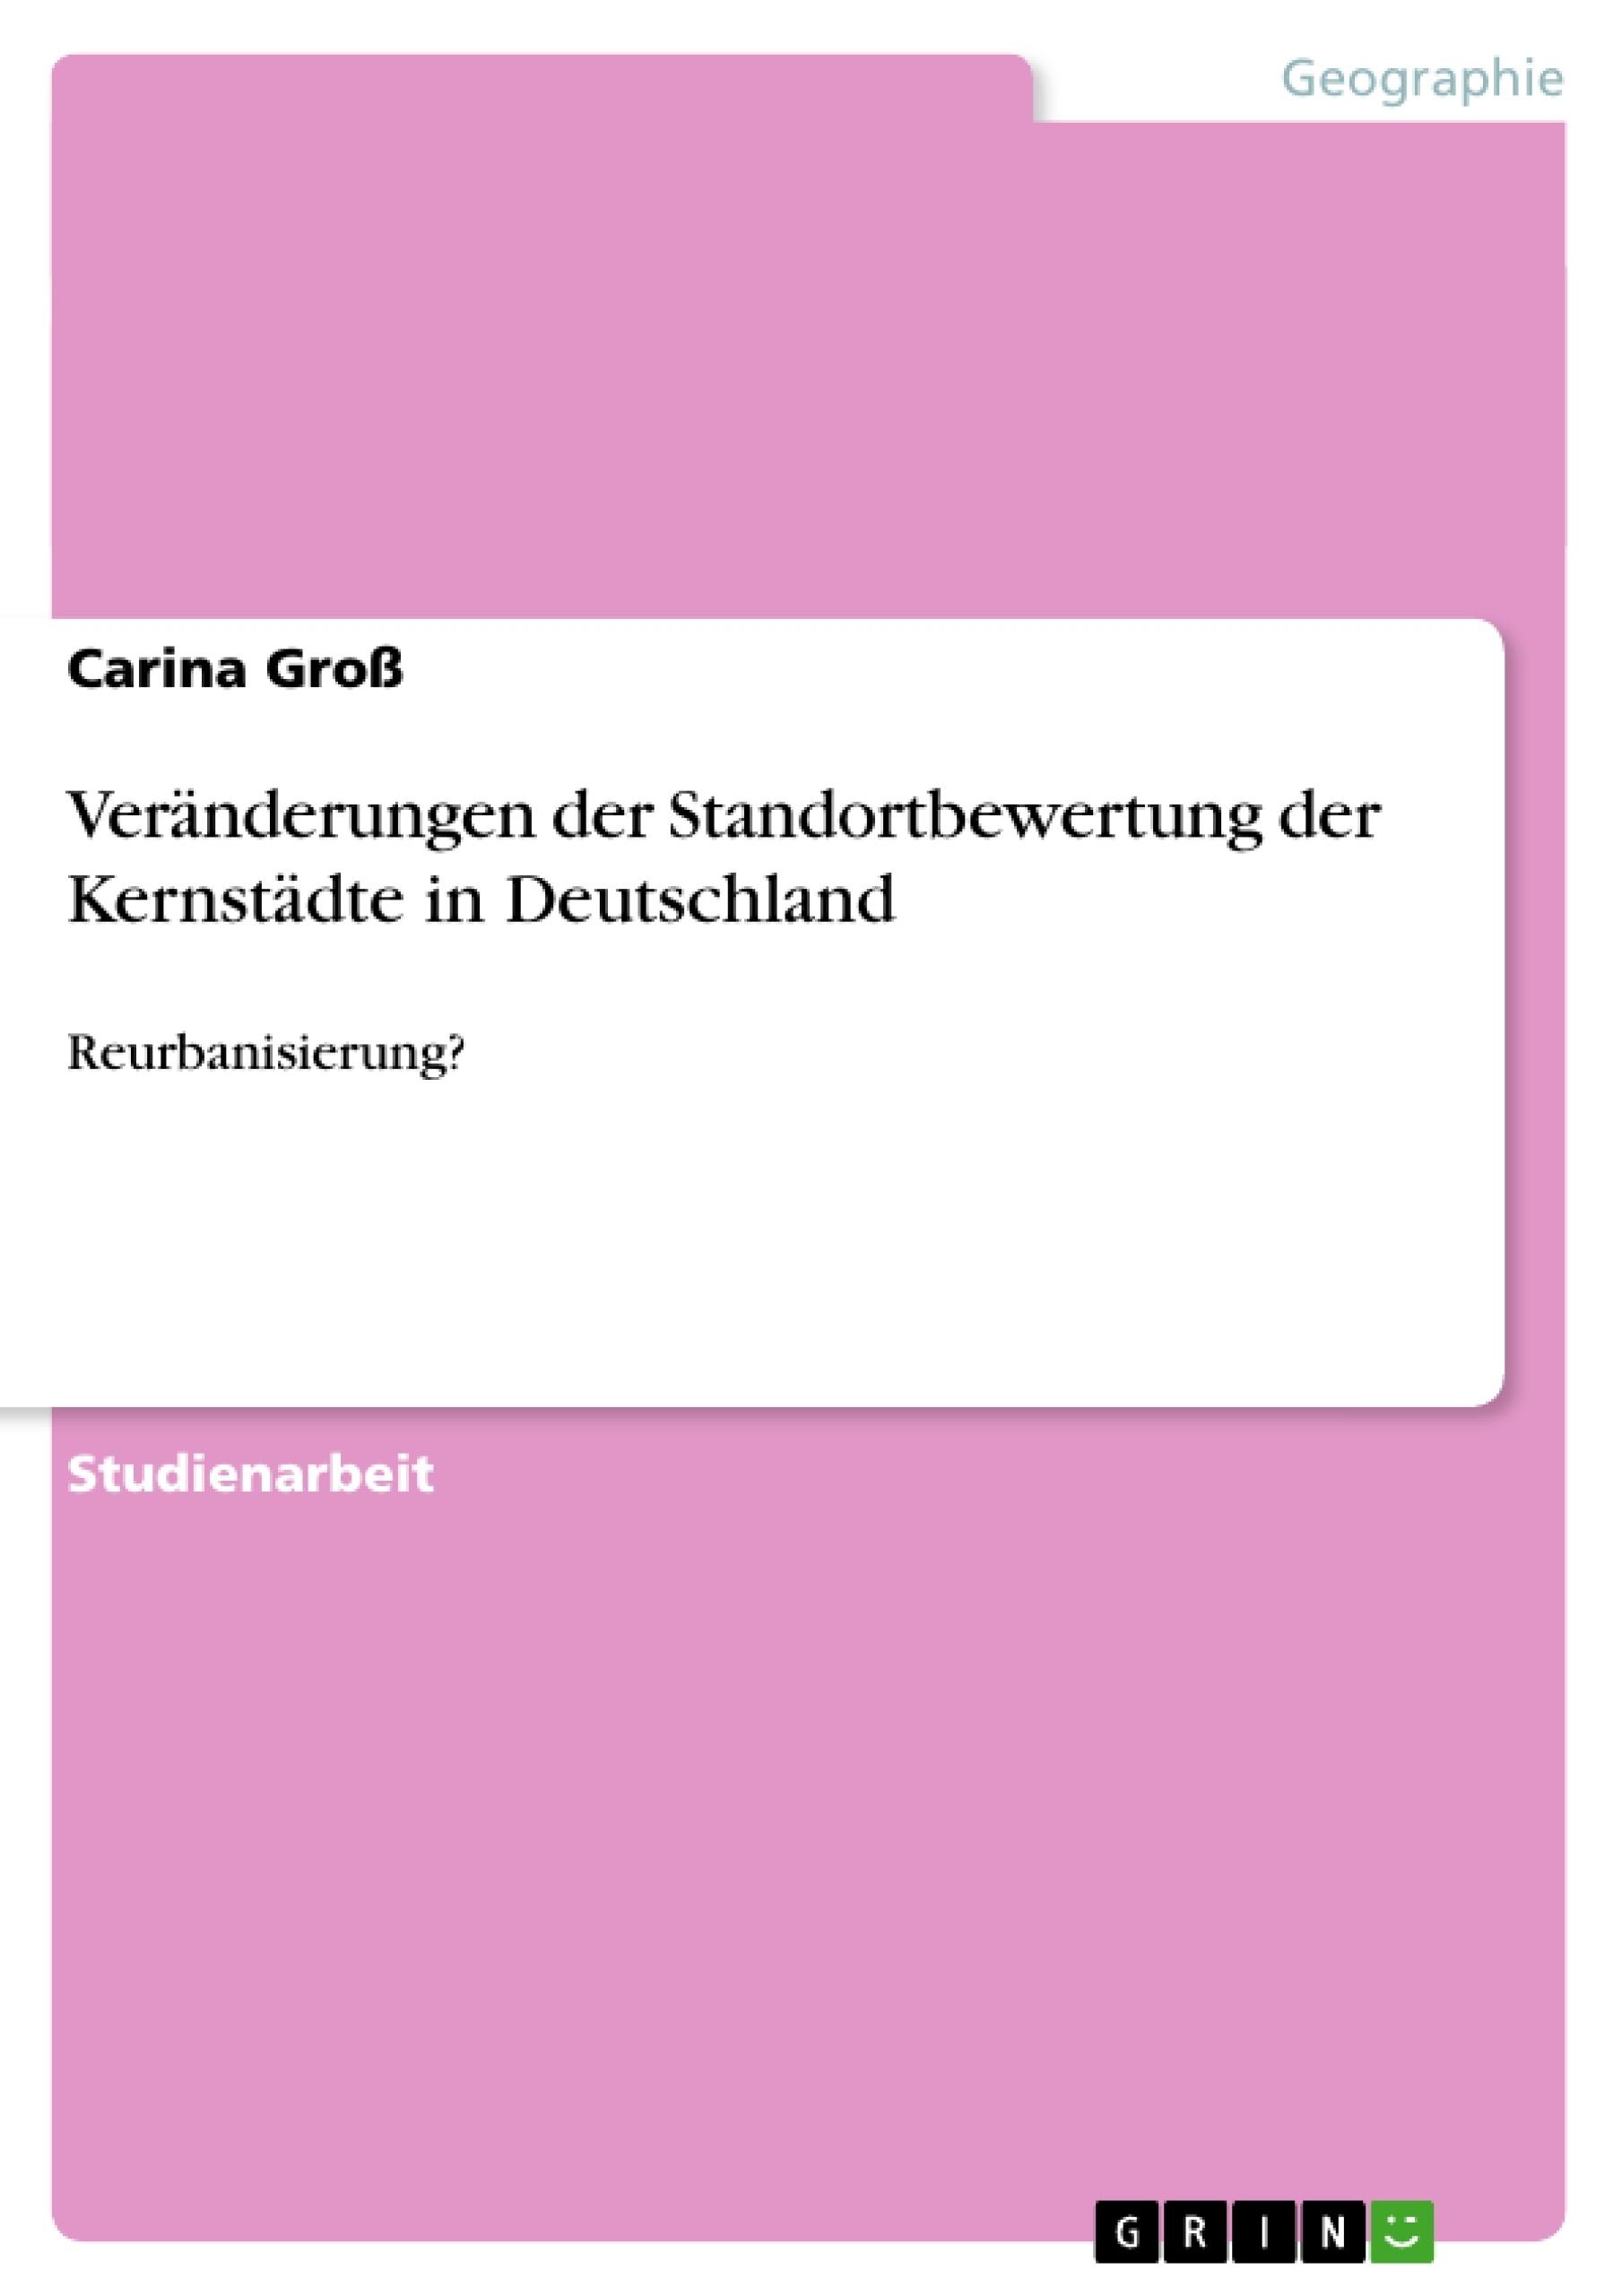 Titel: Veränderungen der Standortbewertung der Kernstädte in Deutschland